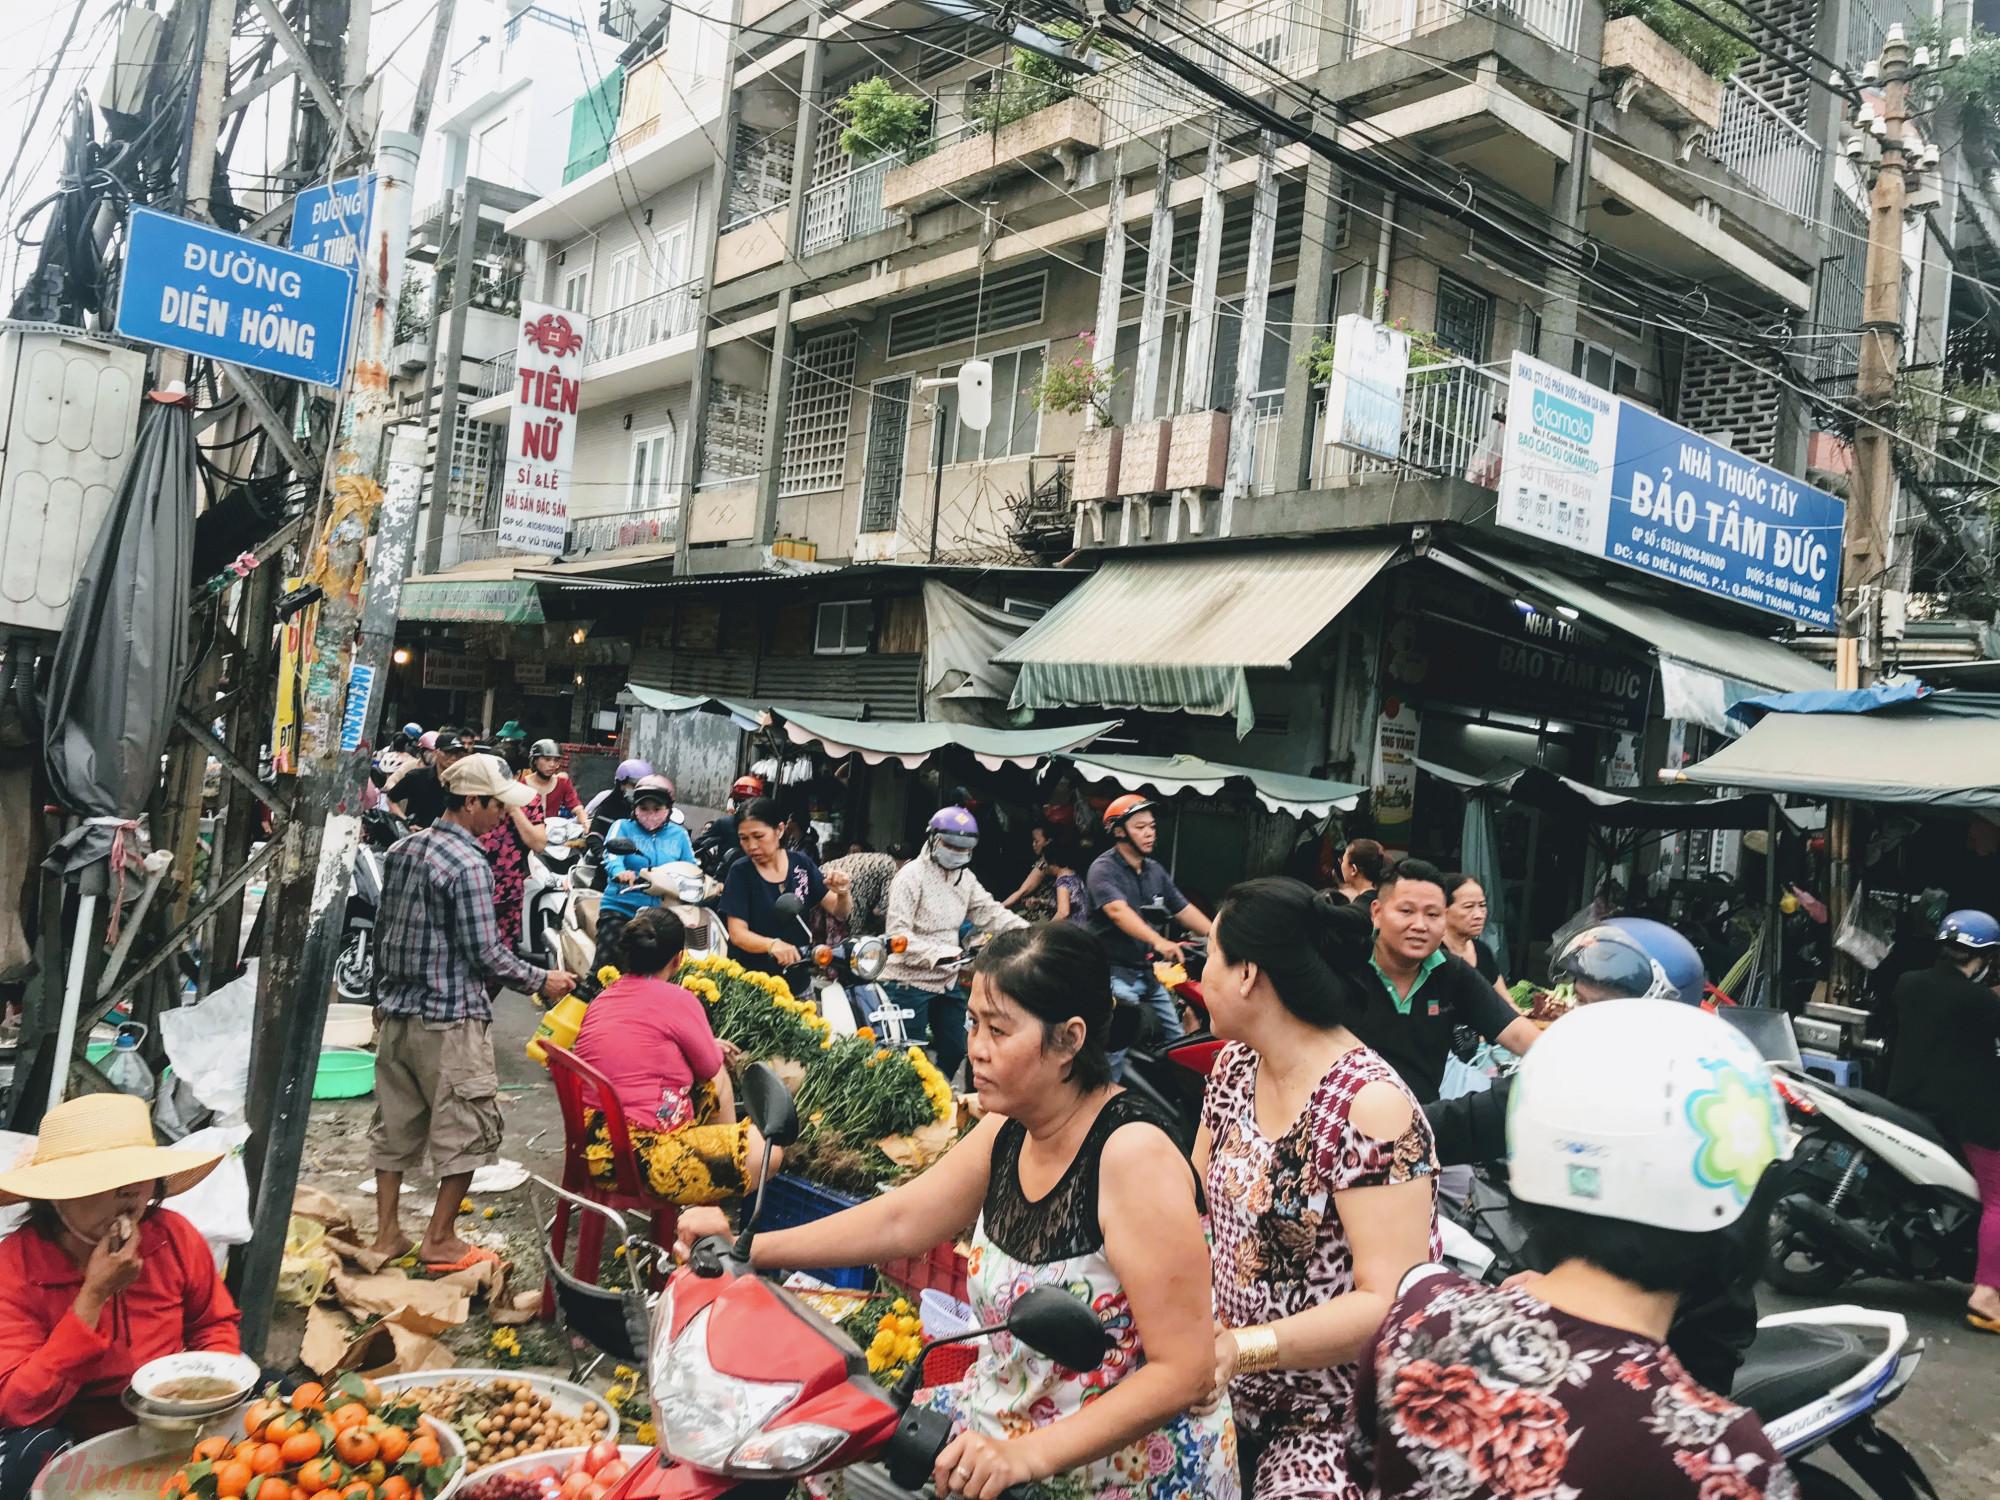 Theo ghi nhận của phóng viên báo Phụ Nữ TPHCM, chiều 16/1 (22 tháng Chạp) tại các chợ Tân Định (quận 1), Bà Chiểu (quận Bình Thạnh),... khá nhộn nhịp khi người dân bắt đầu đi sắm đồ Lễ, hoa tươi, cá chép để chuận bị cúng ông Công, ông Táo.